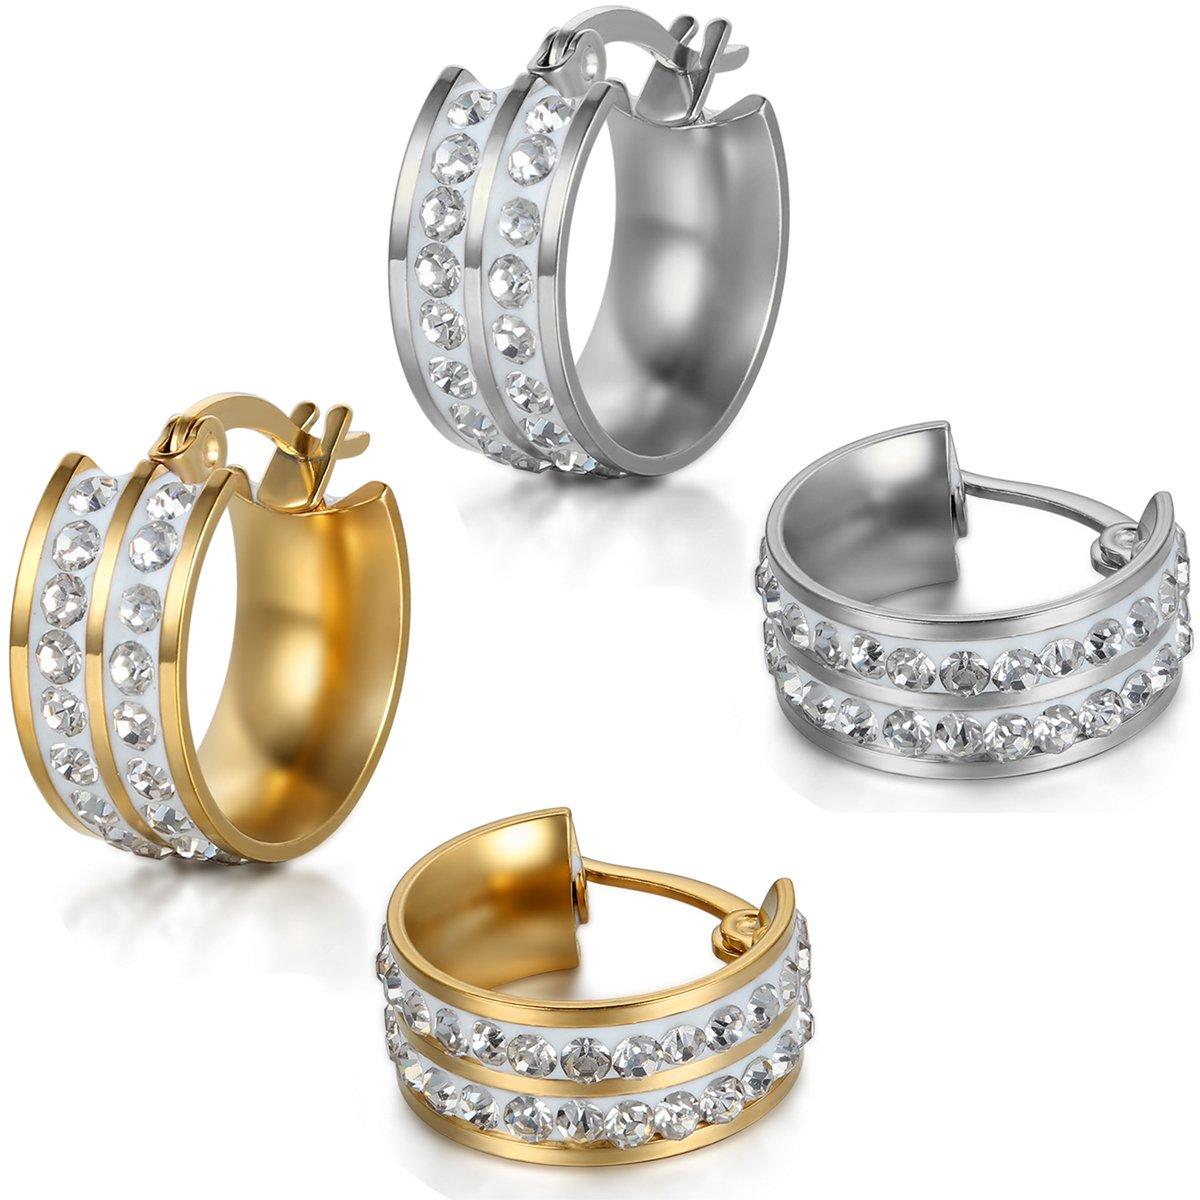 JewelryWe Boucles doreilles Femme Anneaux /à Charni/ère Brillant Faux Diamant Acier Inoxydable Fantaisie Bijoux Couleur Argent Or Avec Sac Cadeau